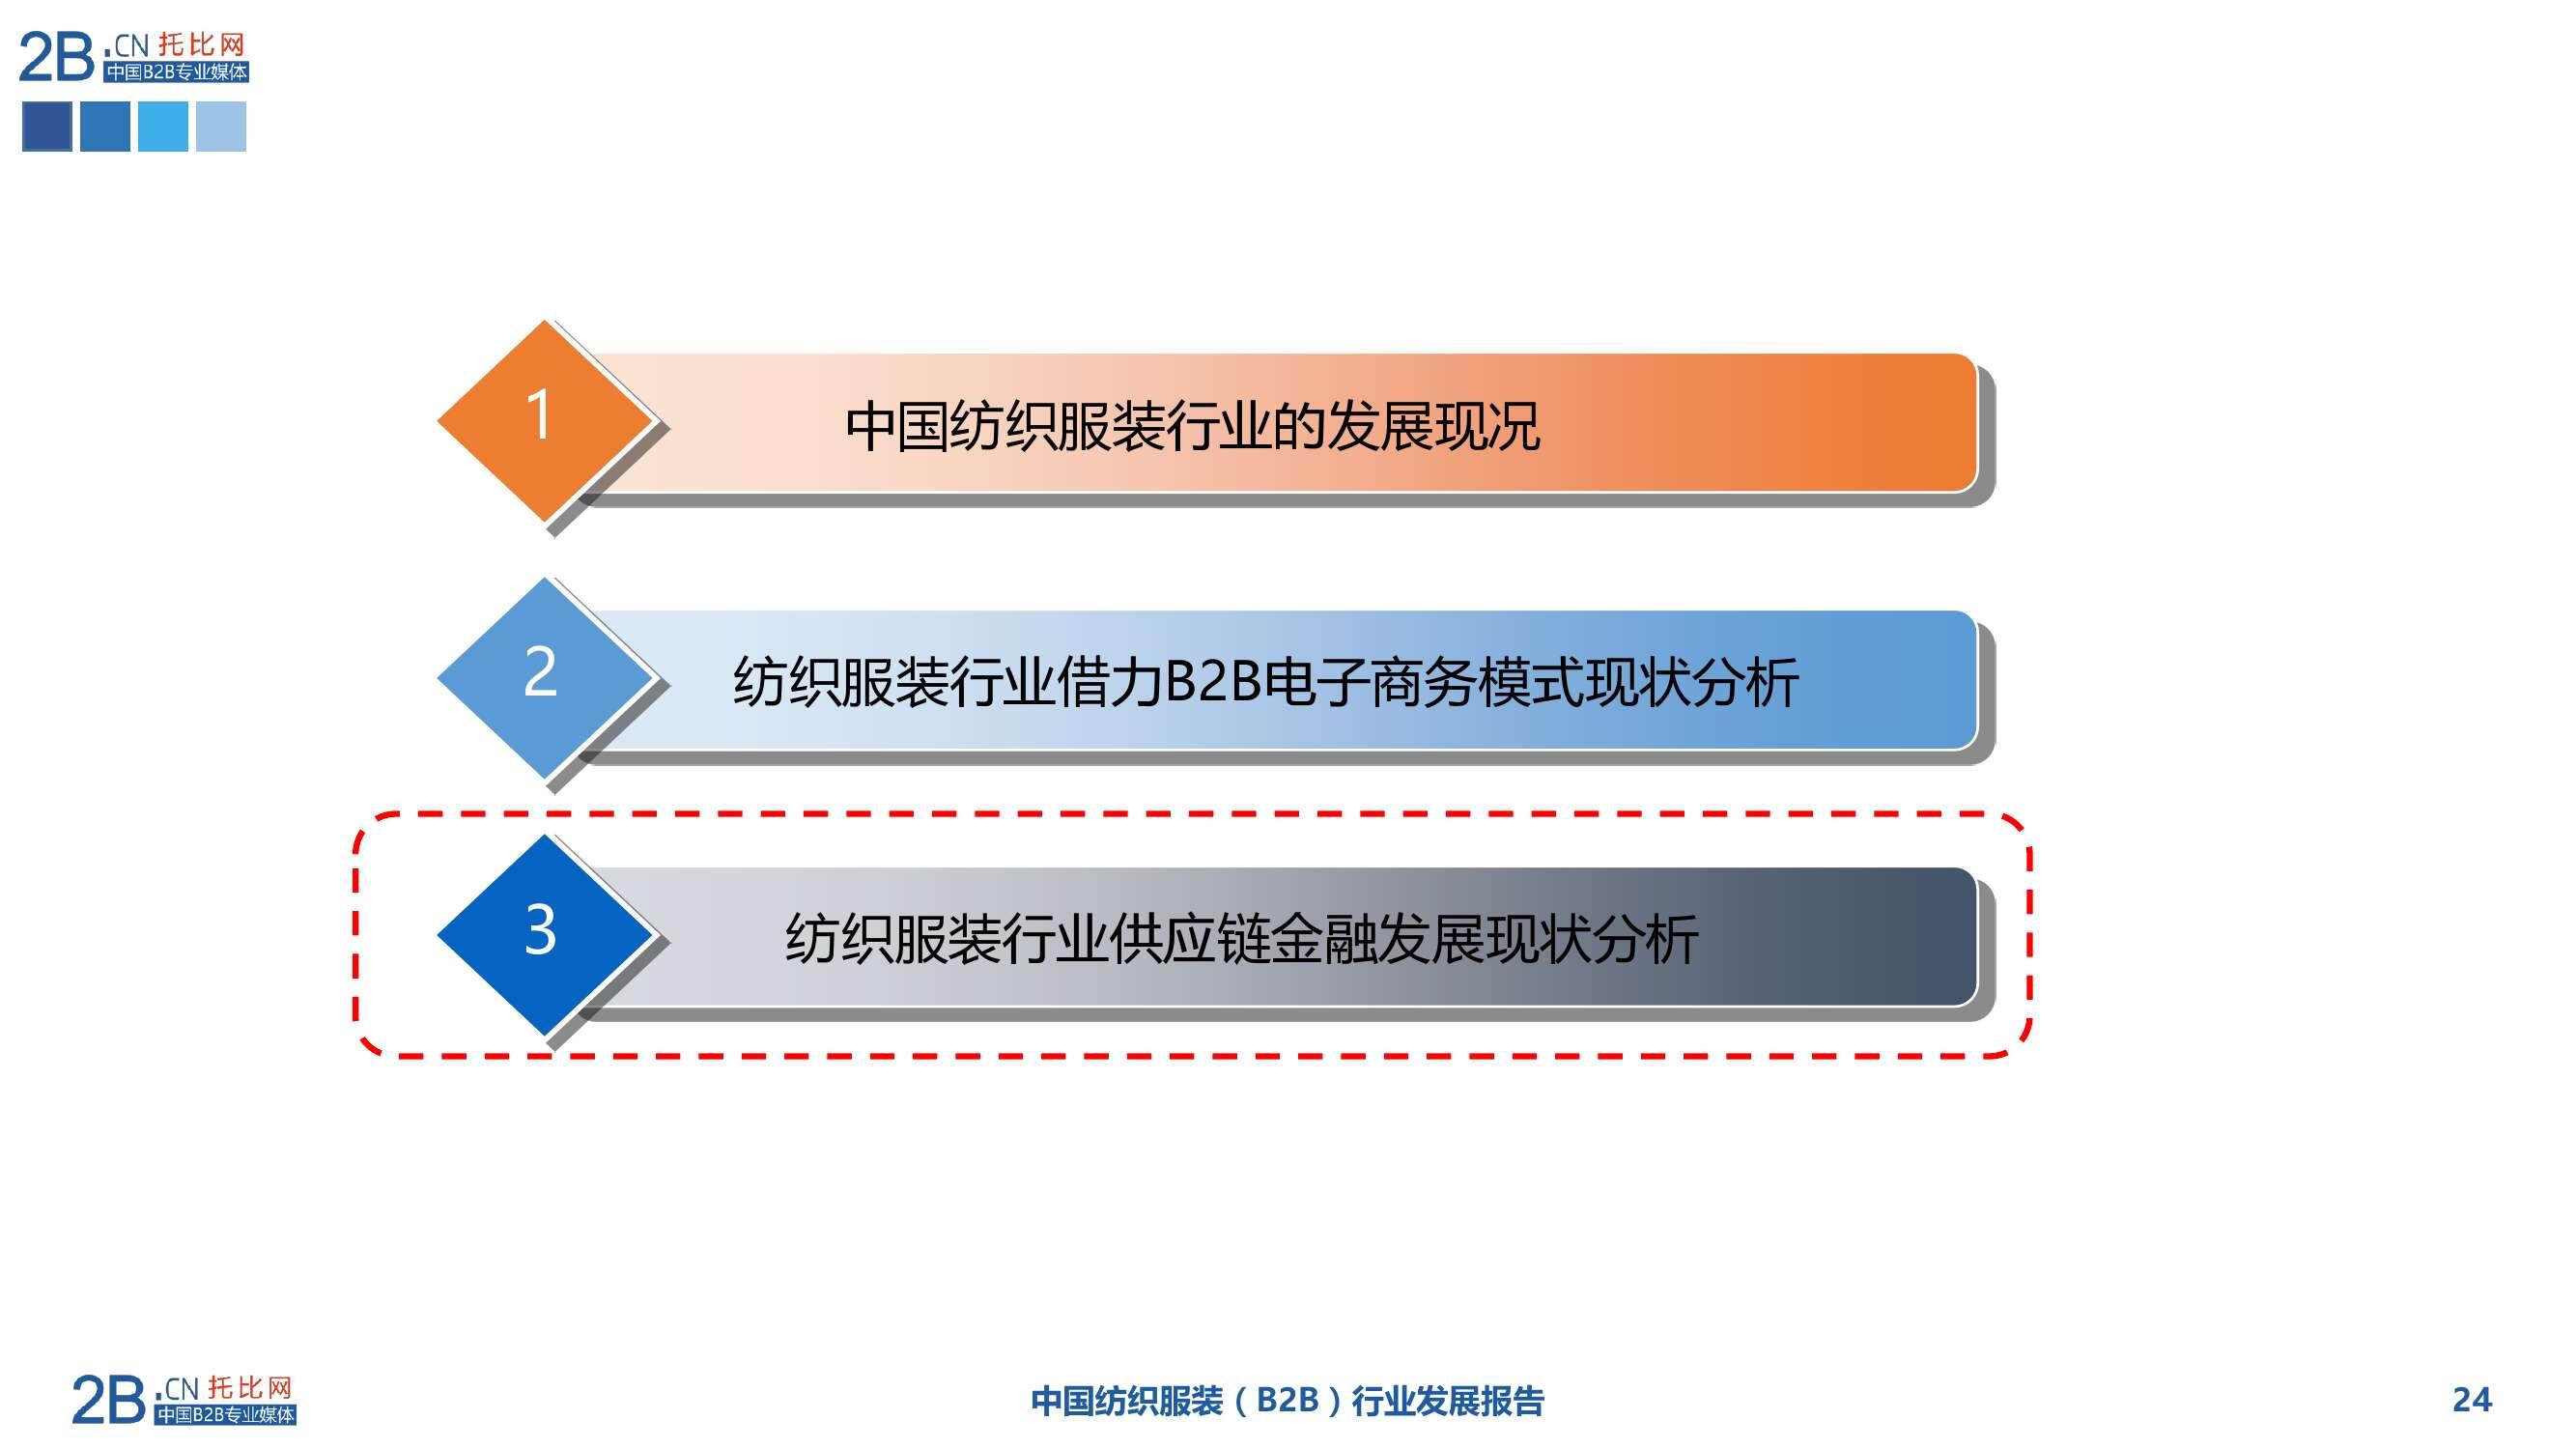 2015年中国纺织服装B2B行业发展报告_000024